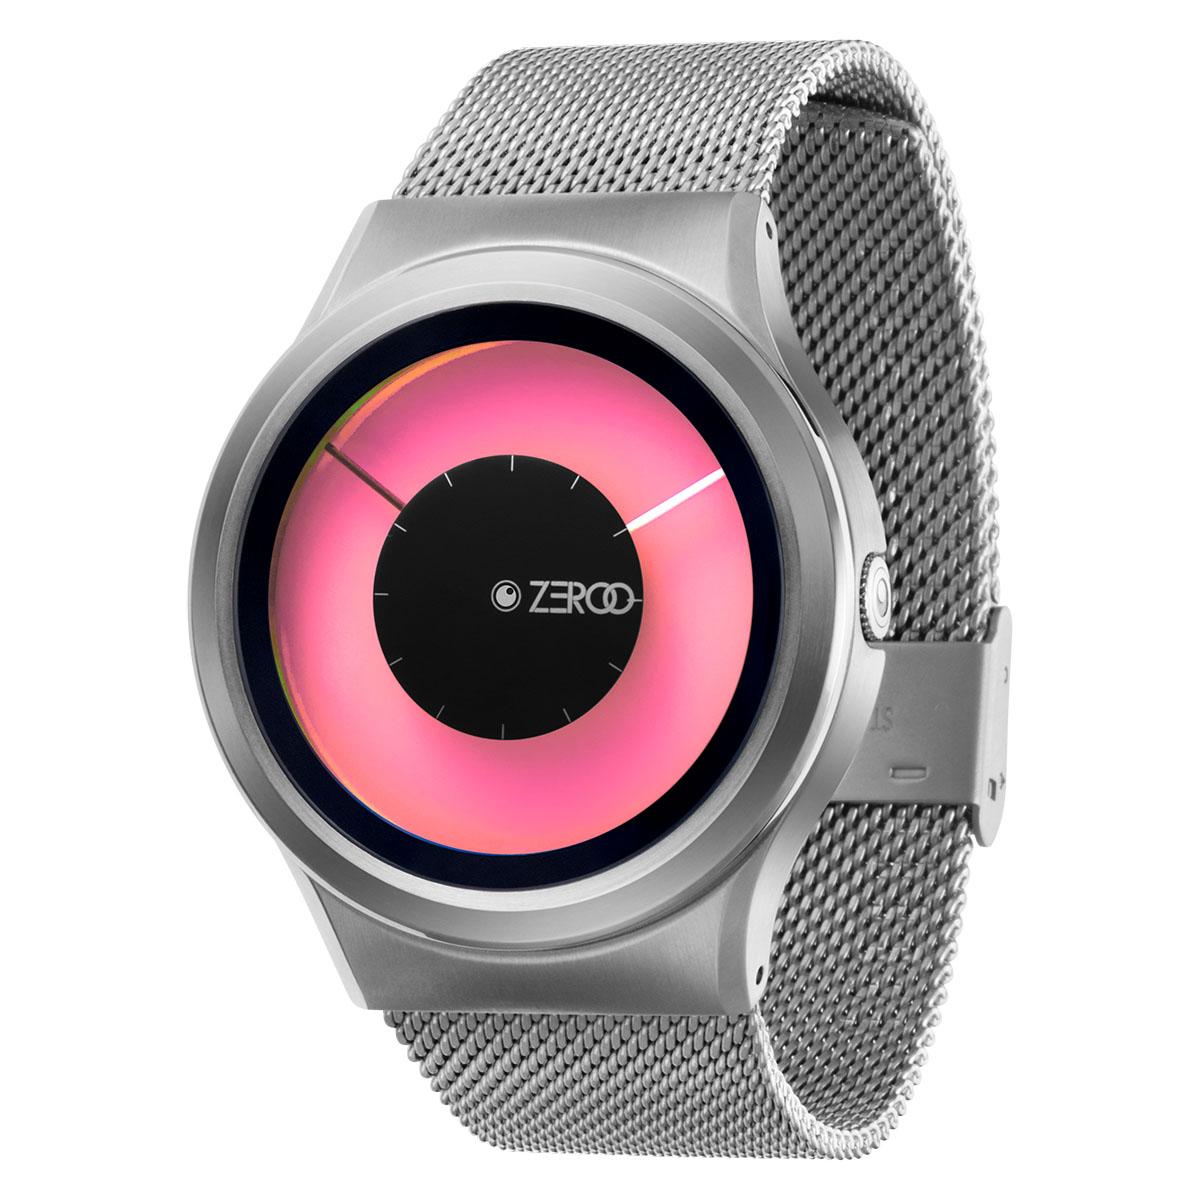 ファッションウォッチ デザインウォッチ 5ATM メーカー保障12ヶ月 ベルト調整用工具 LOGO入りクロス 取扱説明書 ZIIIROとは関係ありません セール価格 ZEROOTIME ゼロタイム ZEROO MAGIA 特売 おしゃれ時計 ペア用 電池式クォーツ W11025B01SM01 ピンク デザイナーズ AURORA メンズ 腕時計 ユニセックス ゼロ レディース